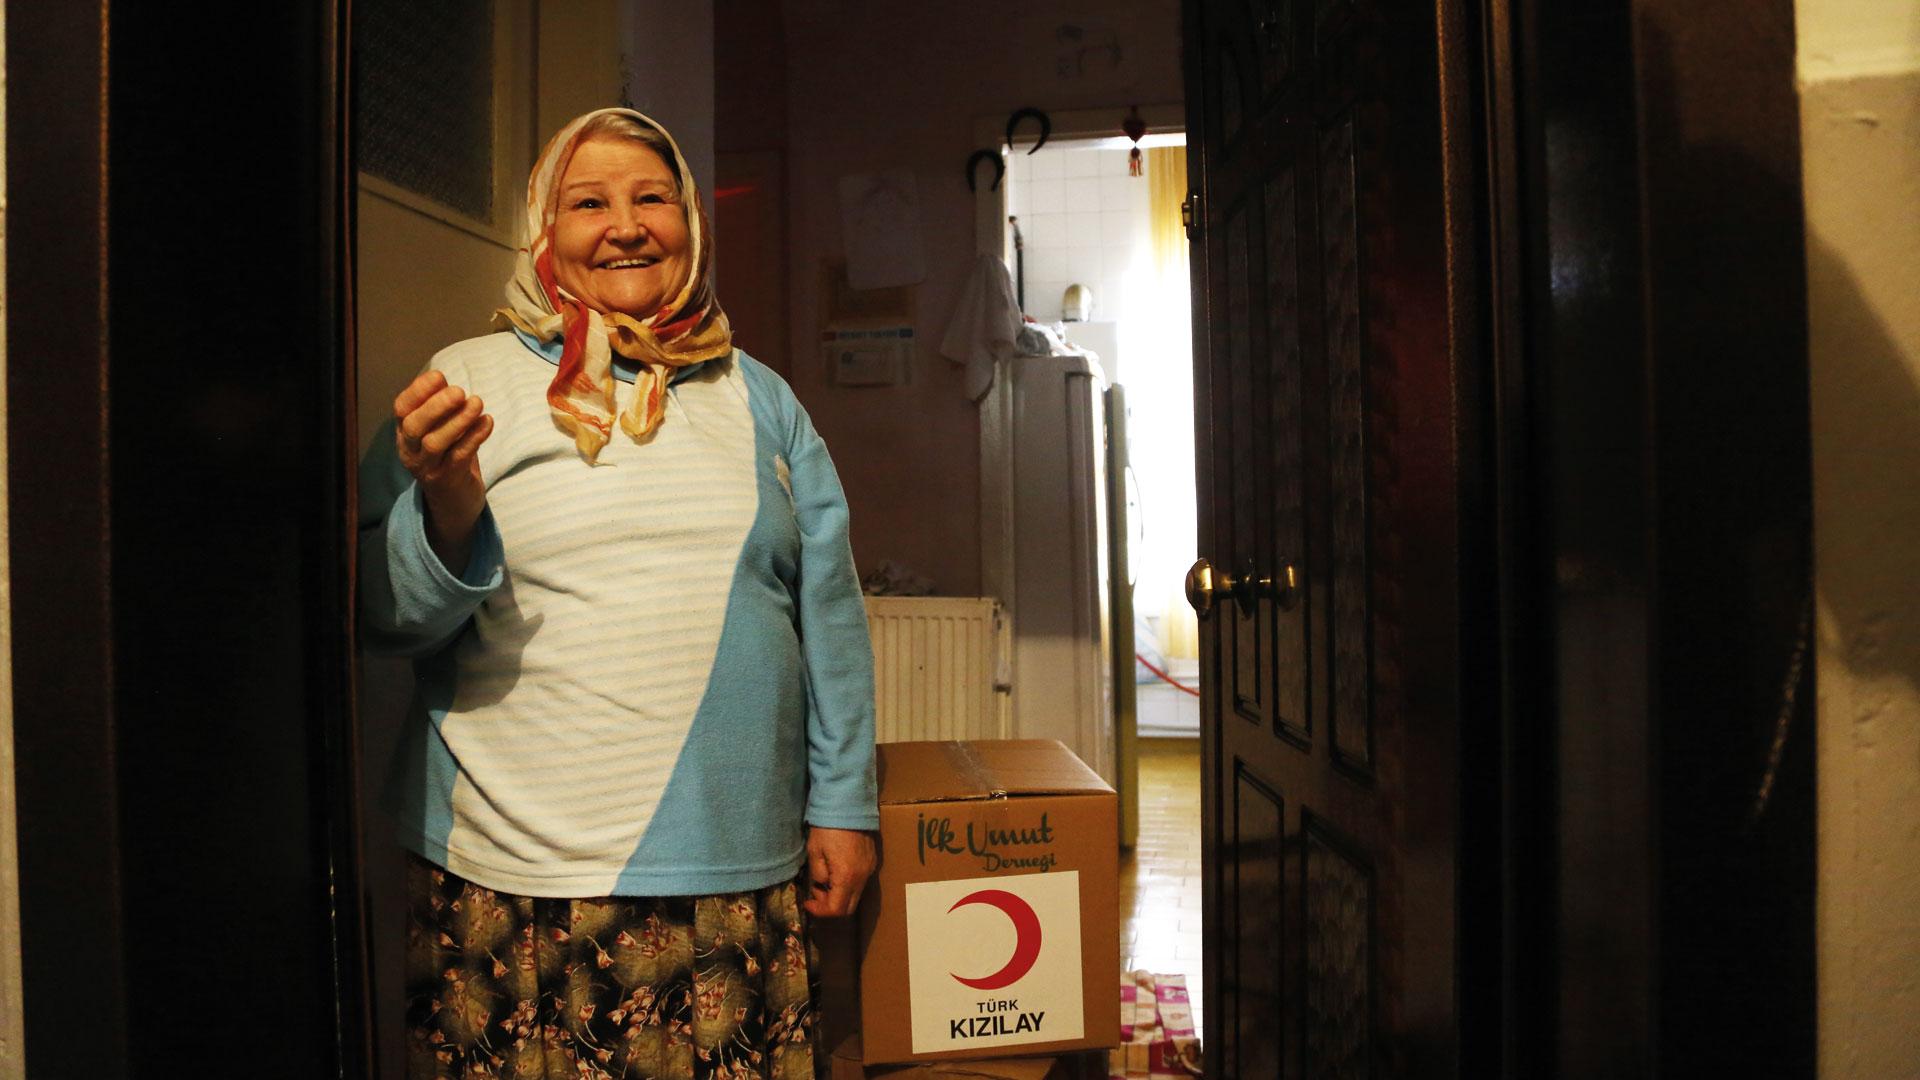 Corona Hilfe für bedürftige Familien in der Türkei